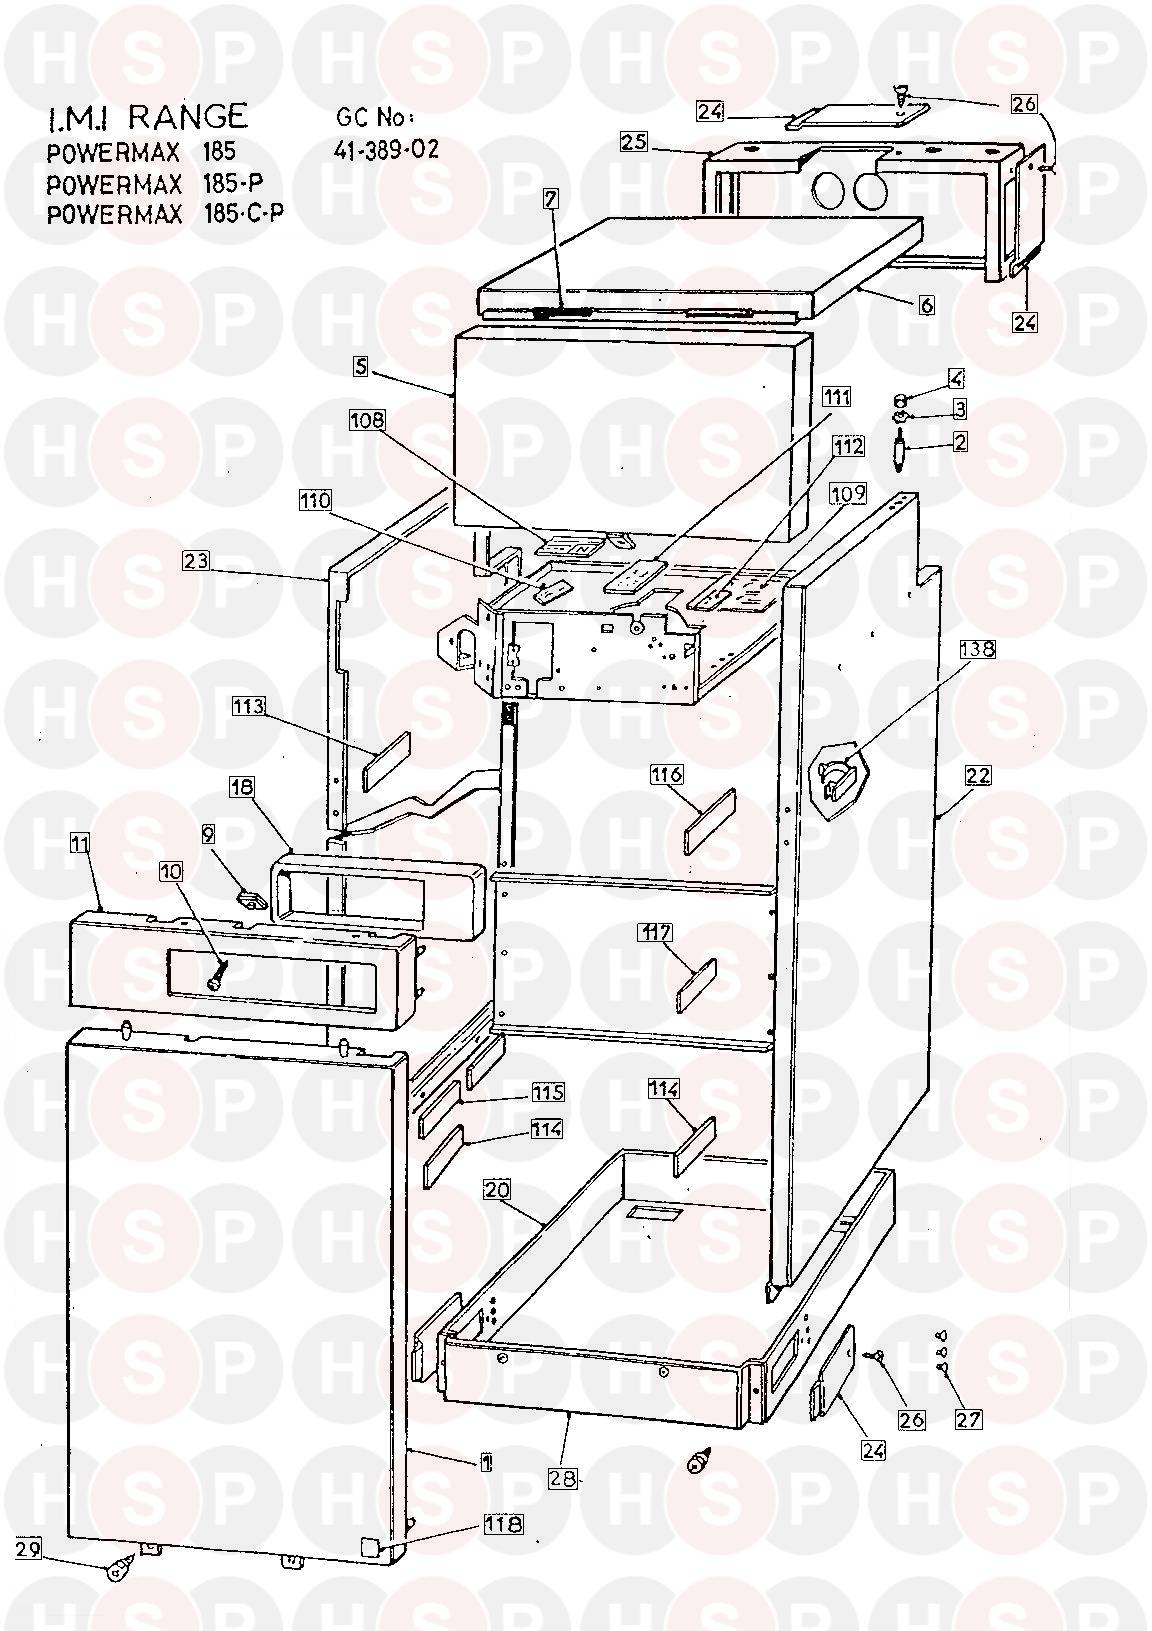 powermax powermax 185 thermal store appliance diagram